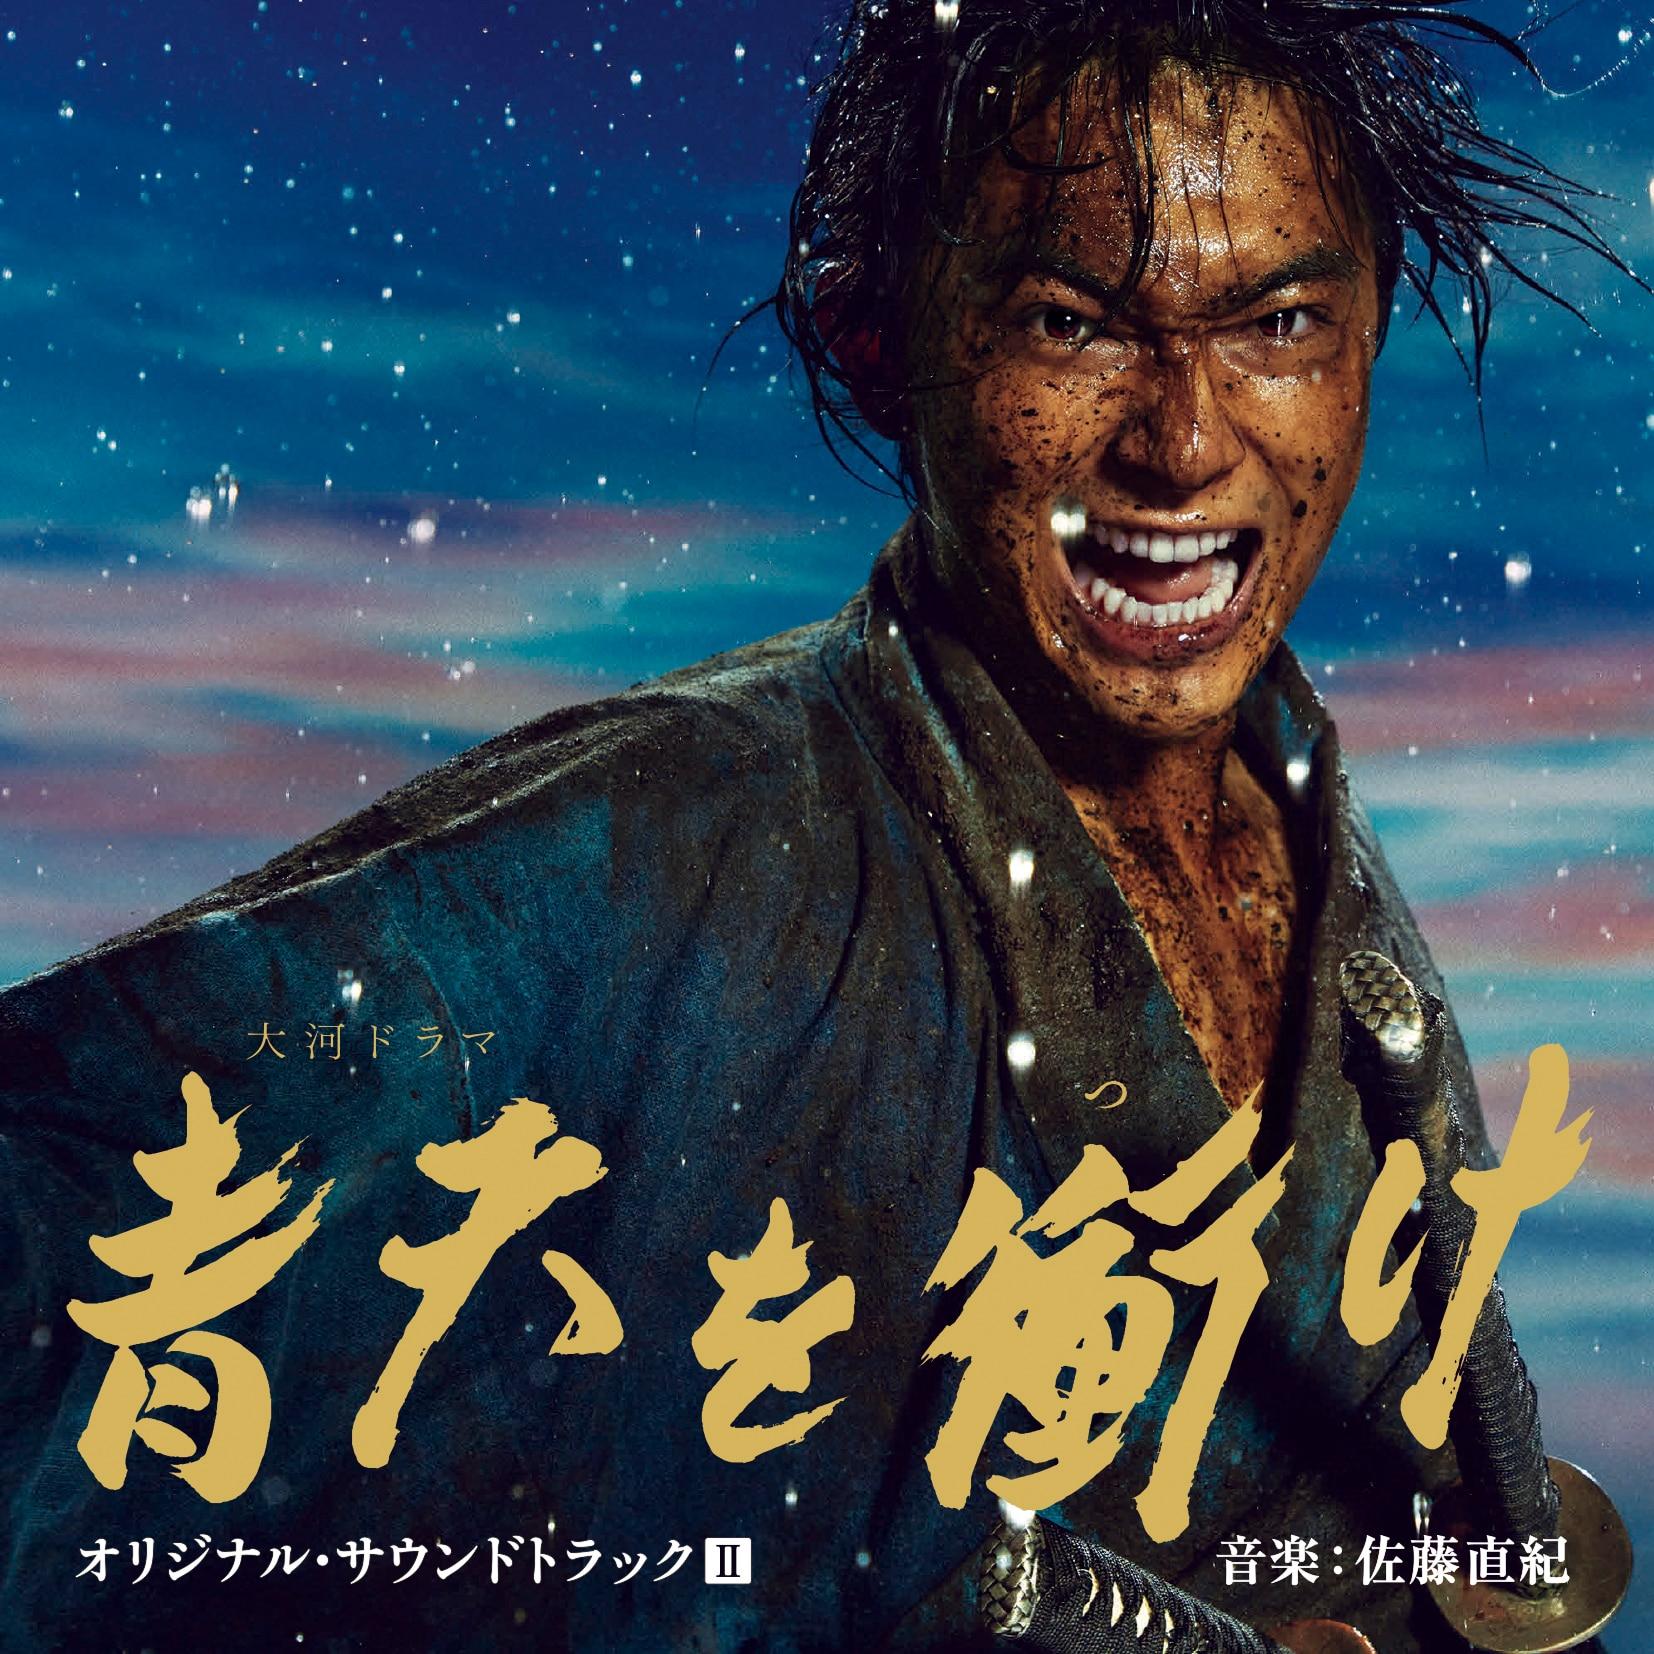 大河ドラマ 青天を衝け オリジナル・サウンドトラックⅡ 音楽:佐藤直紀